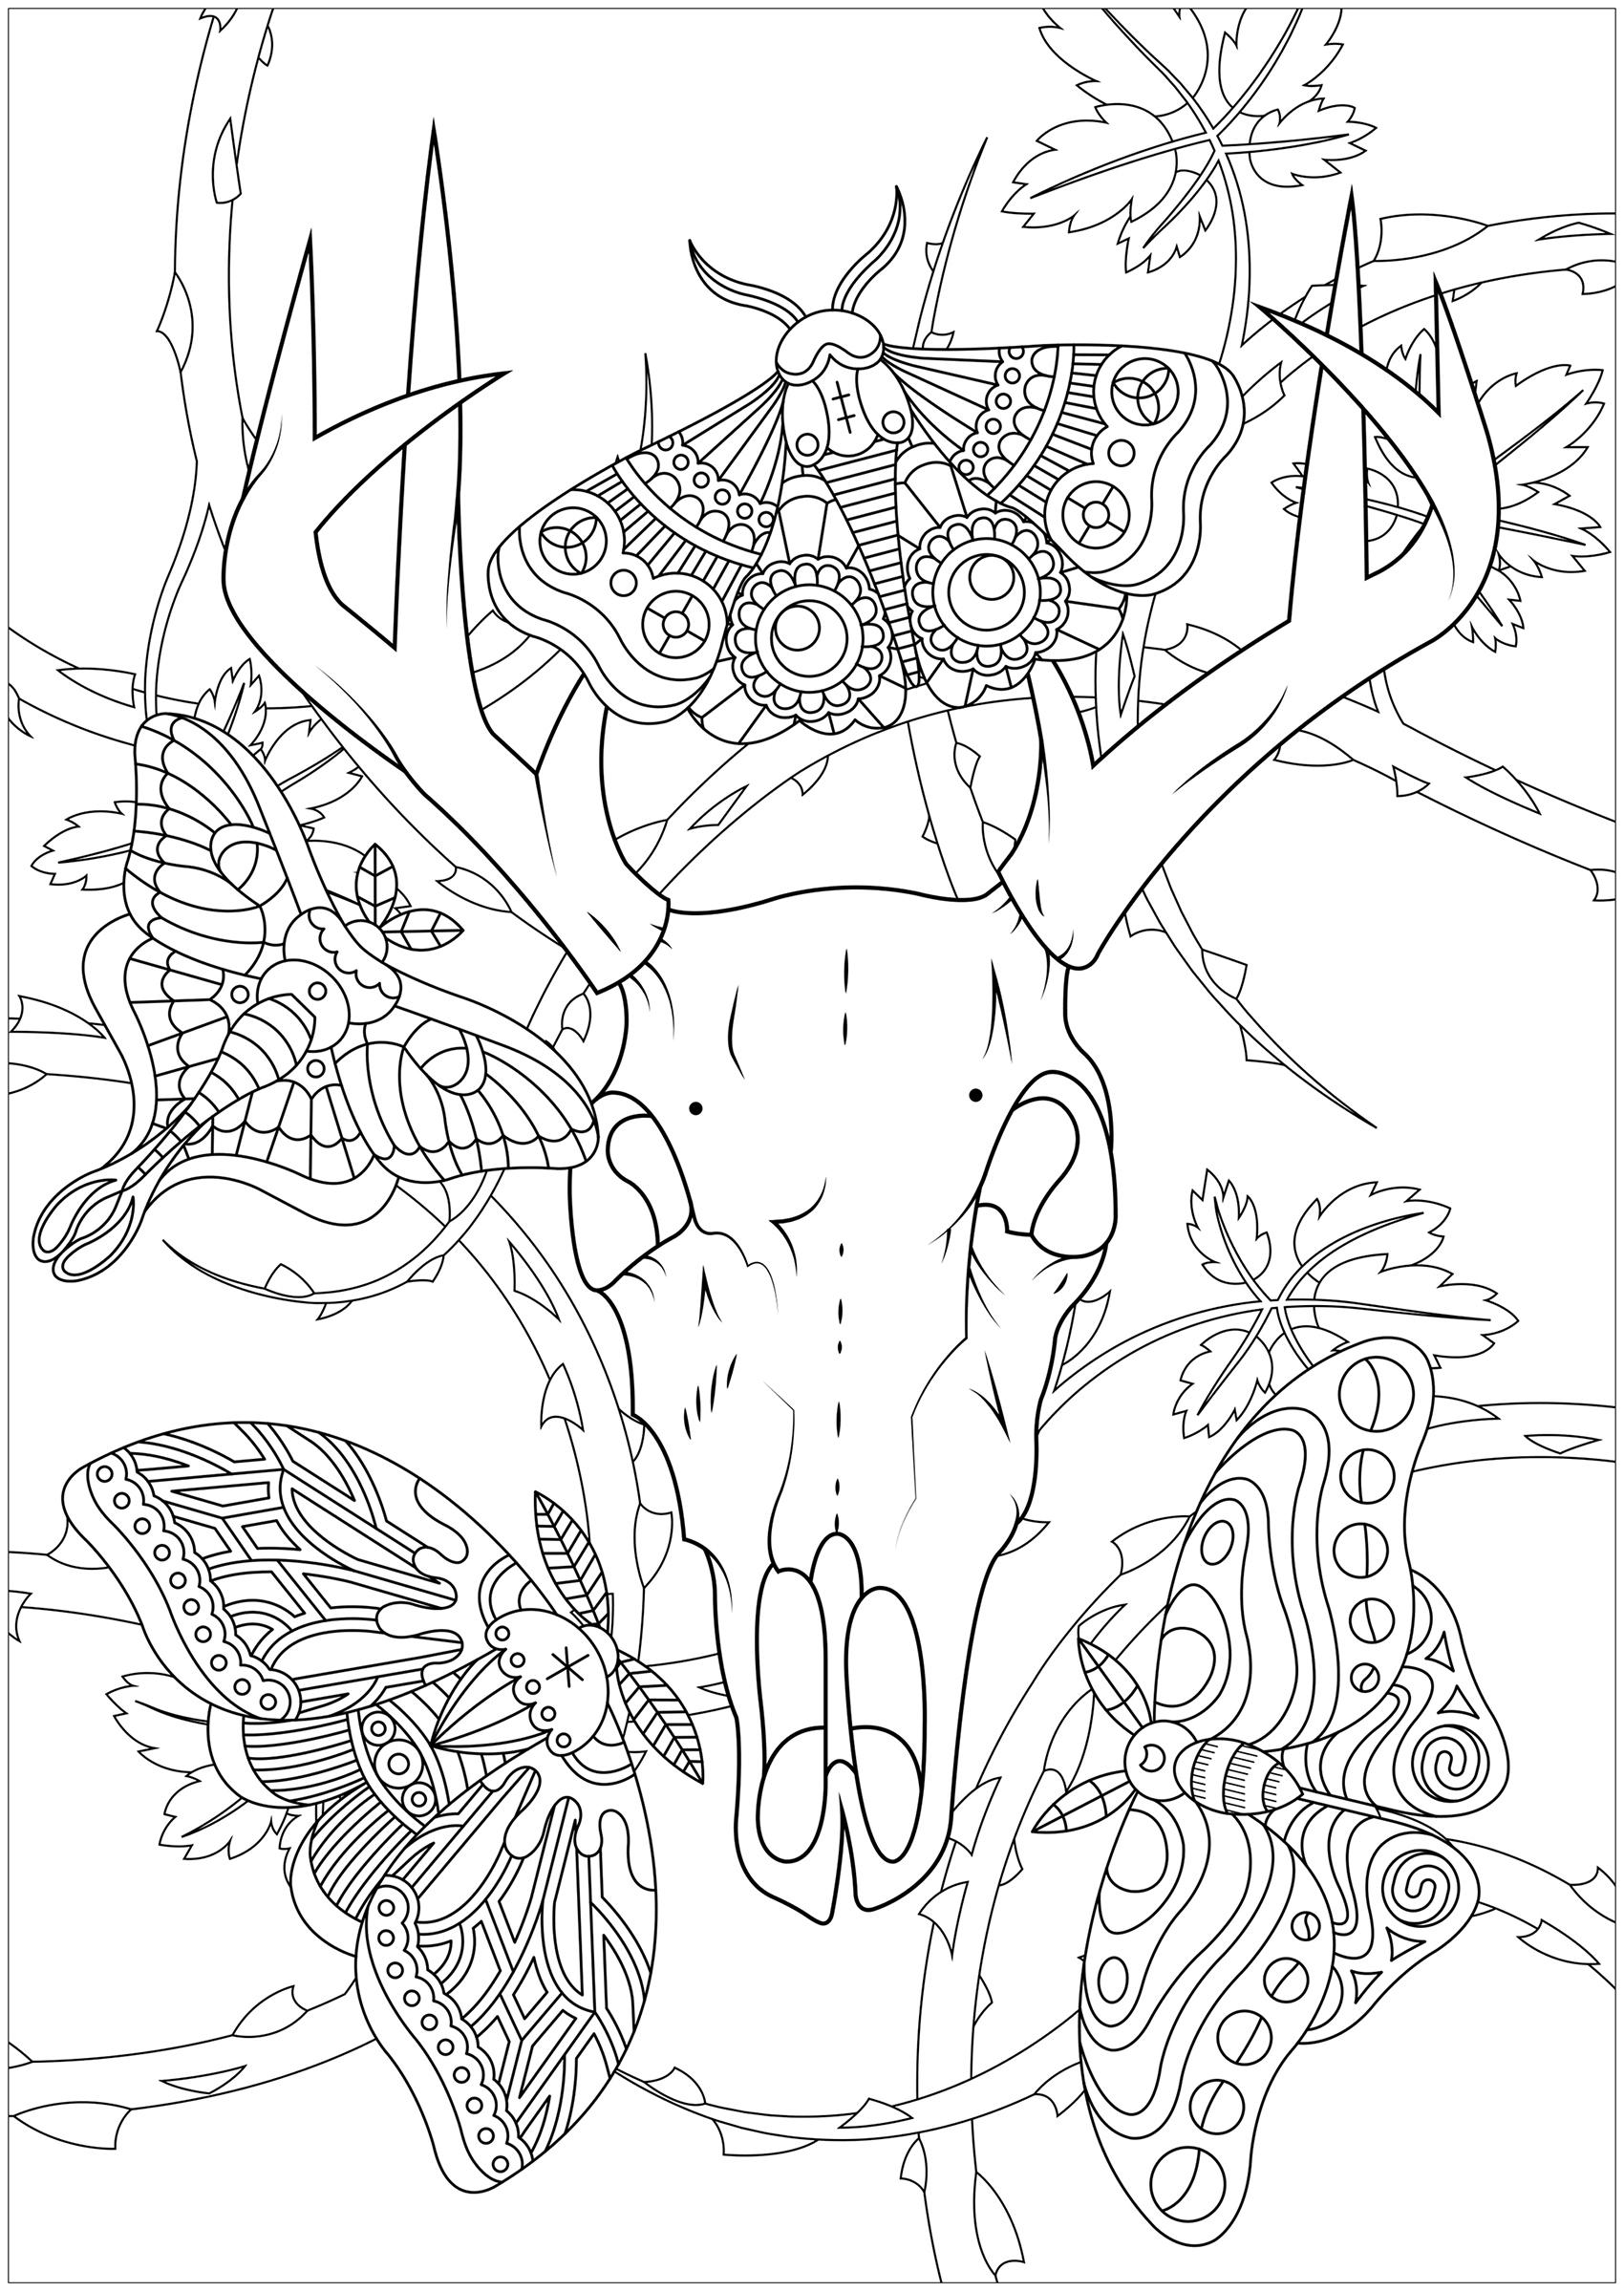 Quatre papillons de nuit et un crâne de cerf, avec des ronces en arrière plan ... Un coloriage lugubre et intriguant